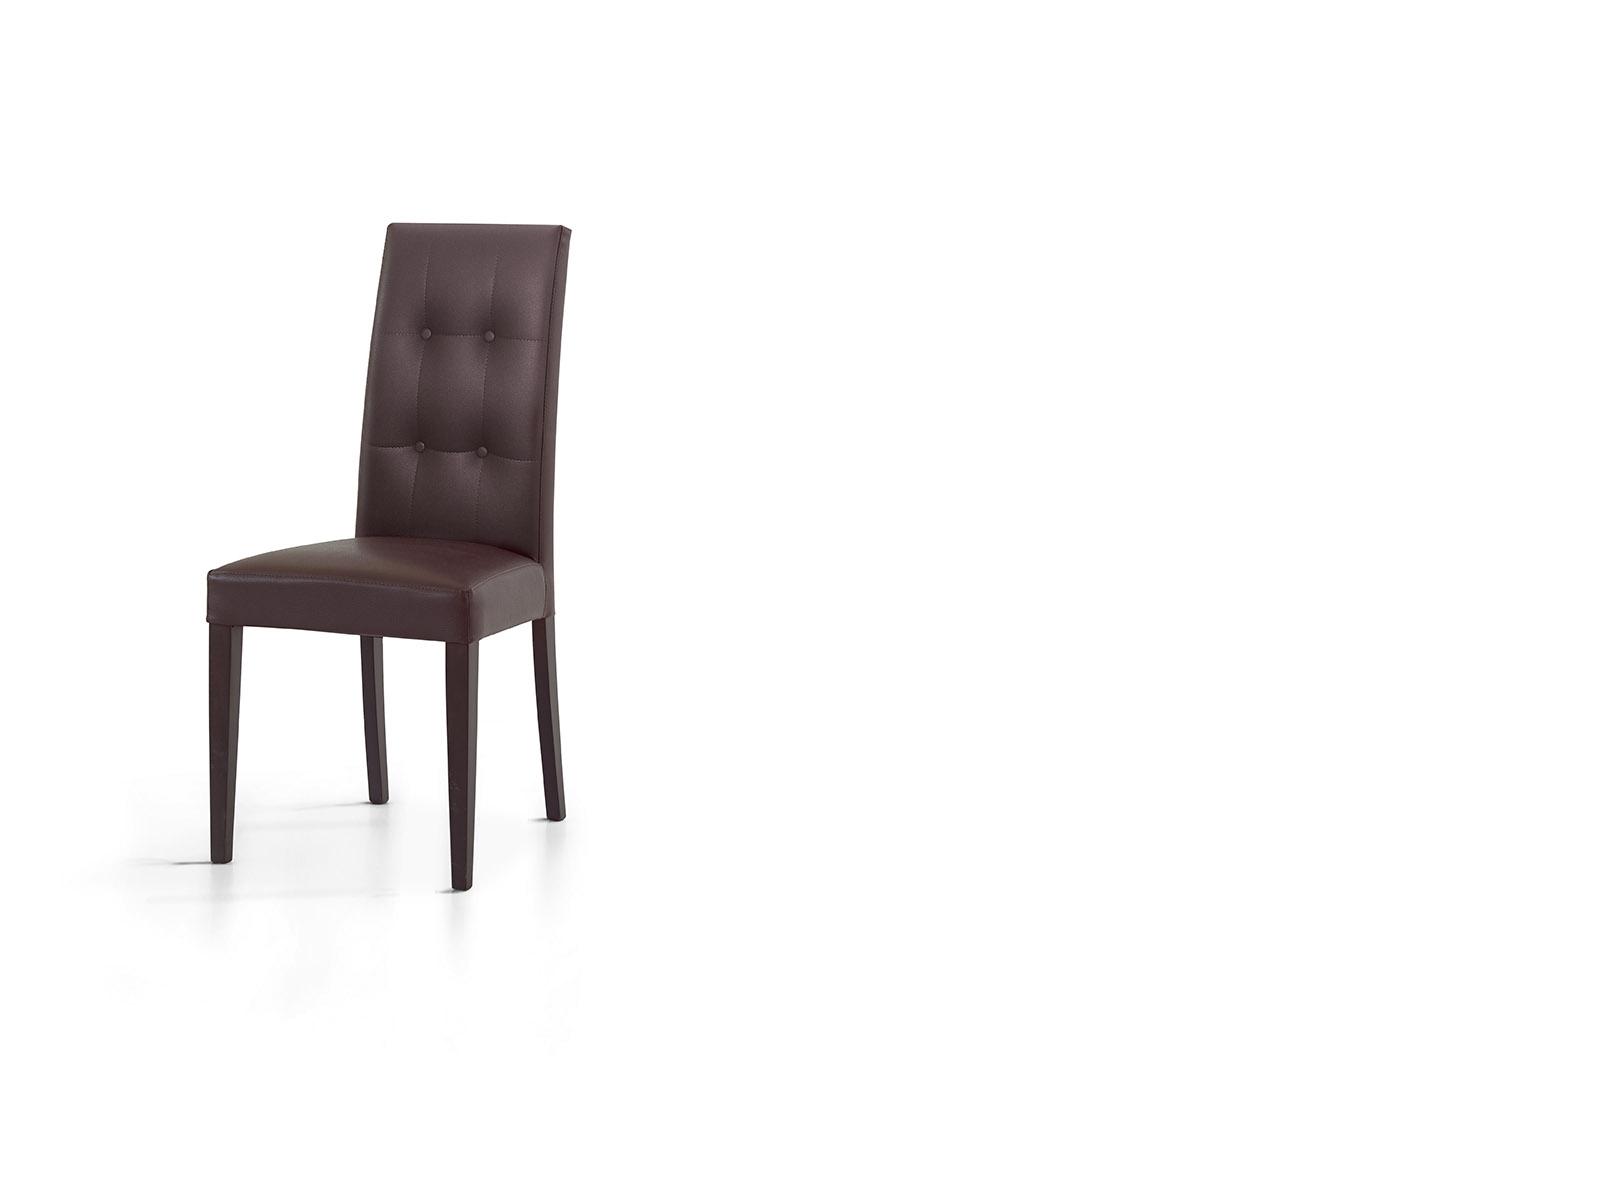 Sedia Verona Ecopelle Design - Sedie a prezzi scontati